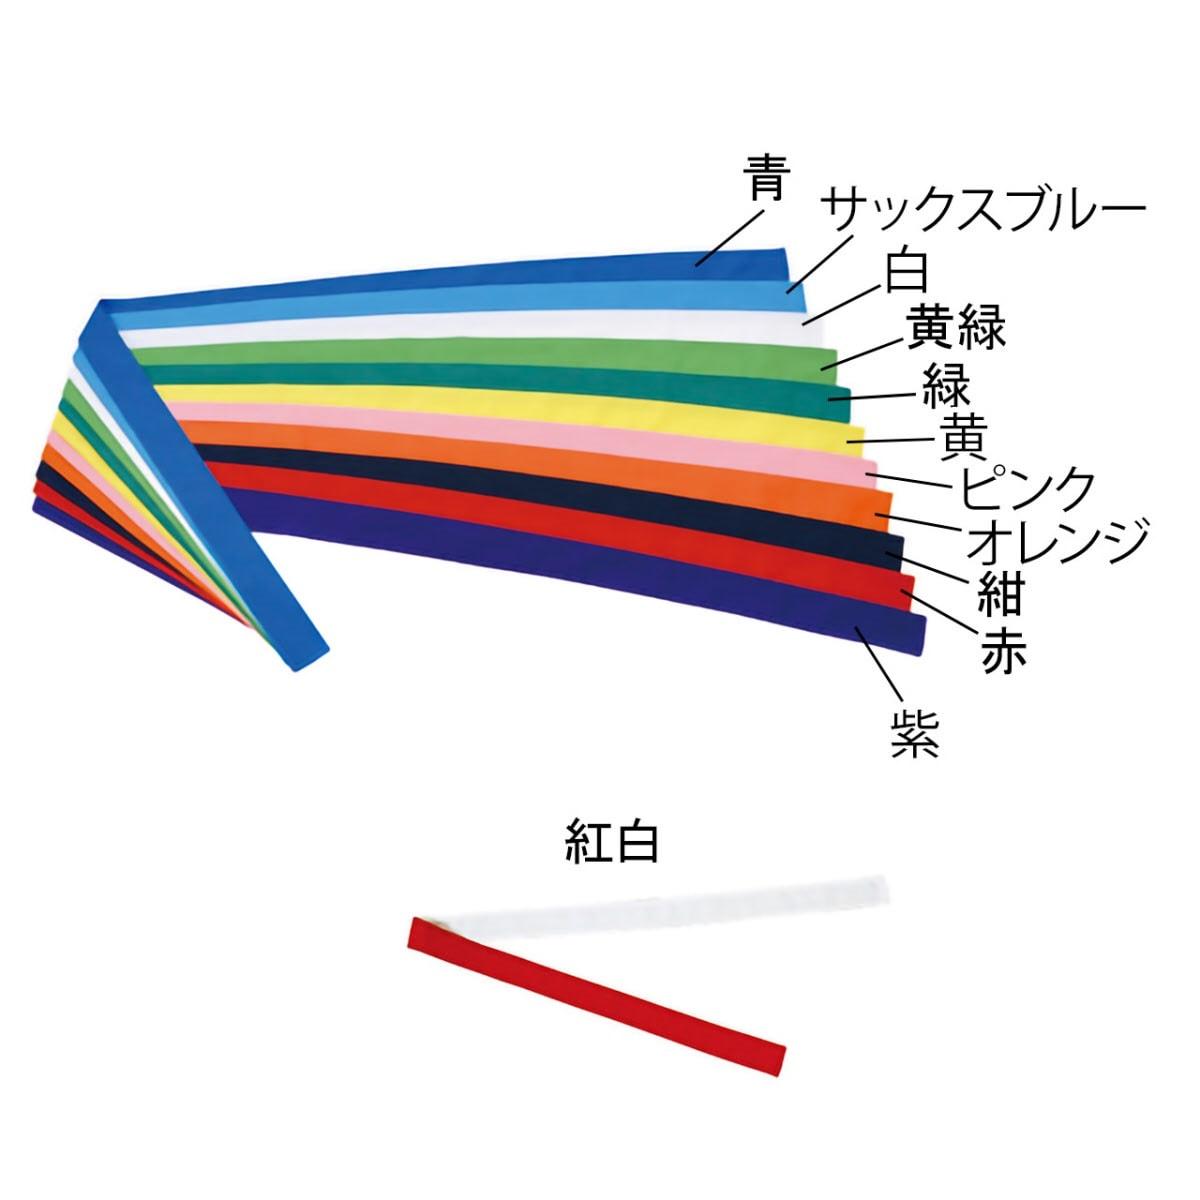 トーエイライト (TOEI LIGHT) カラーハチマキNH110 B-2082 [分類:運動会用品 ハチマキ・タスキ]